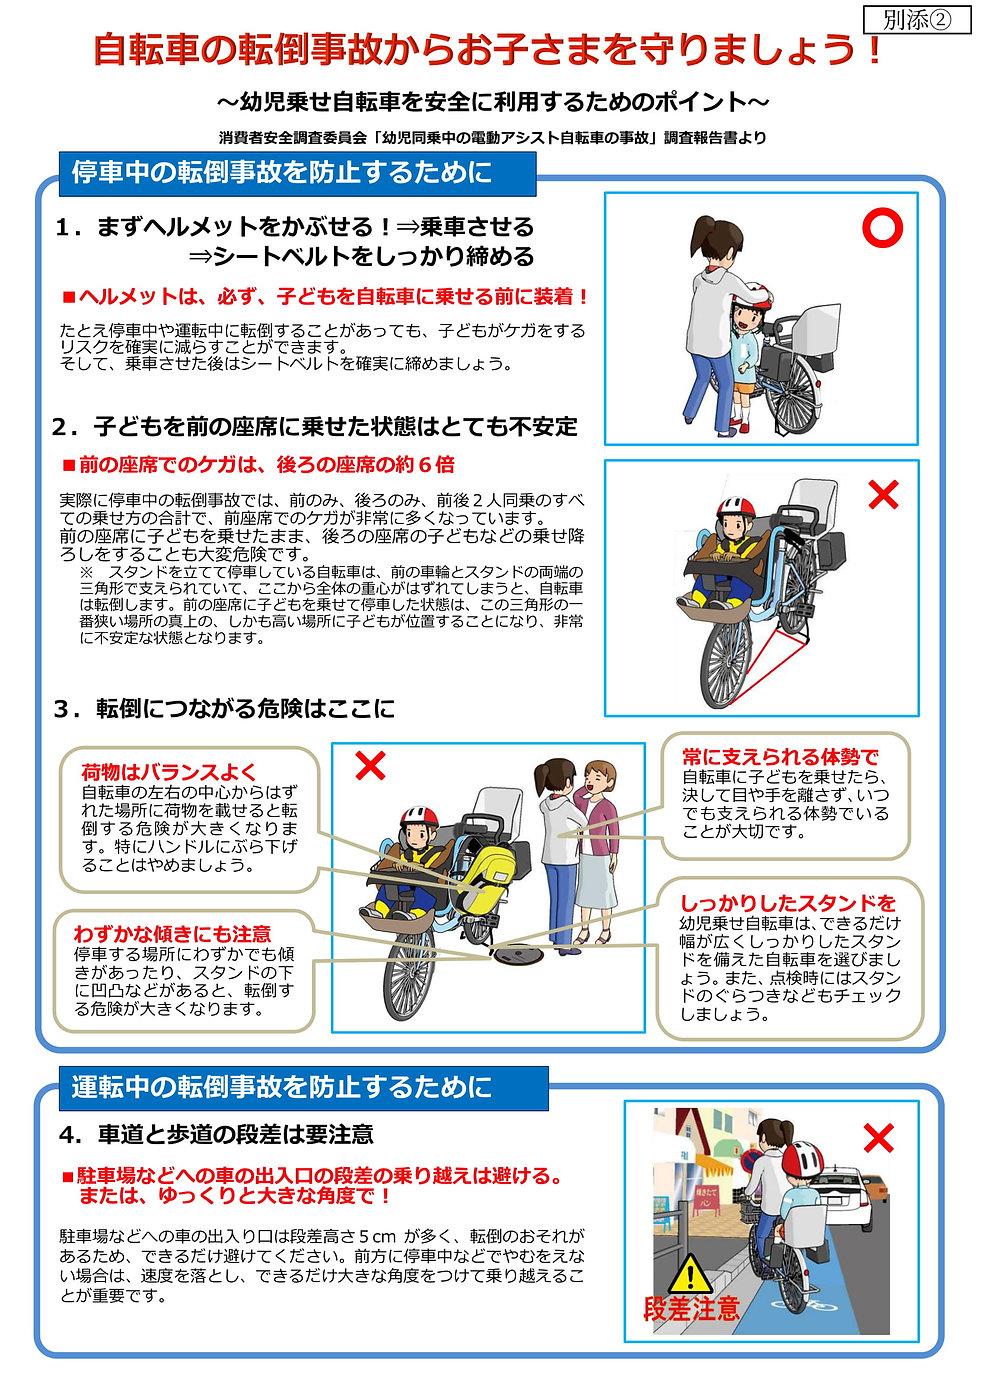 【別添②】「自転車の転倒事故からお子さまを守りましょう!」-1.jpg